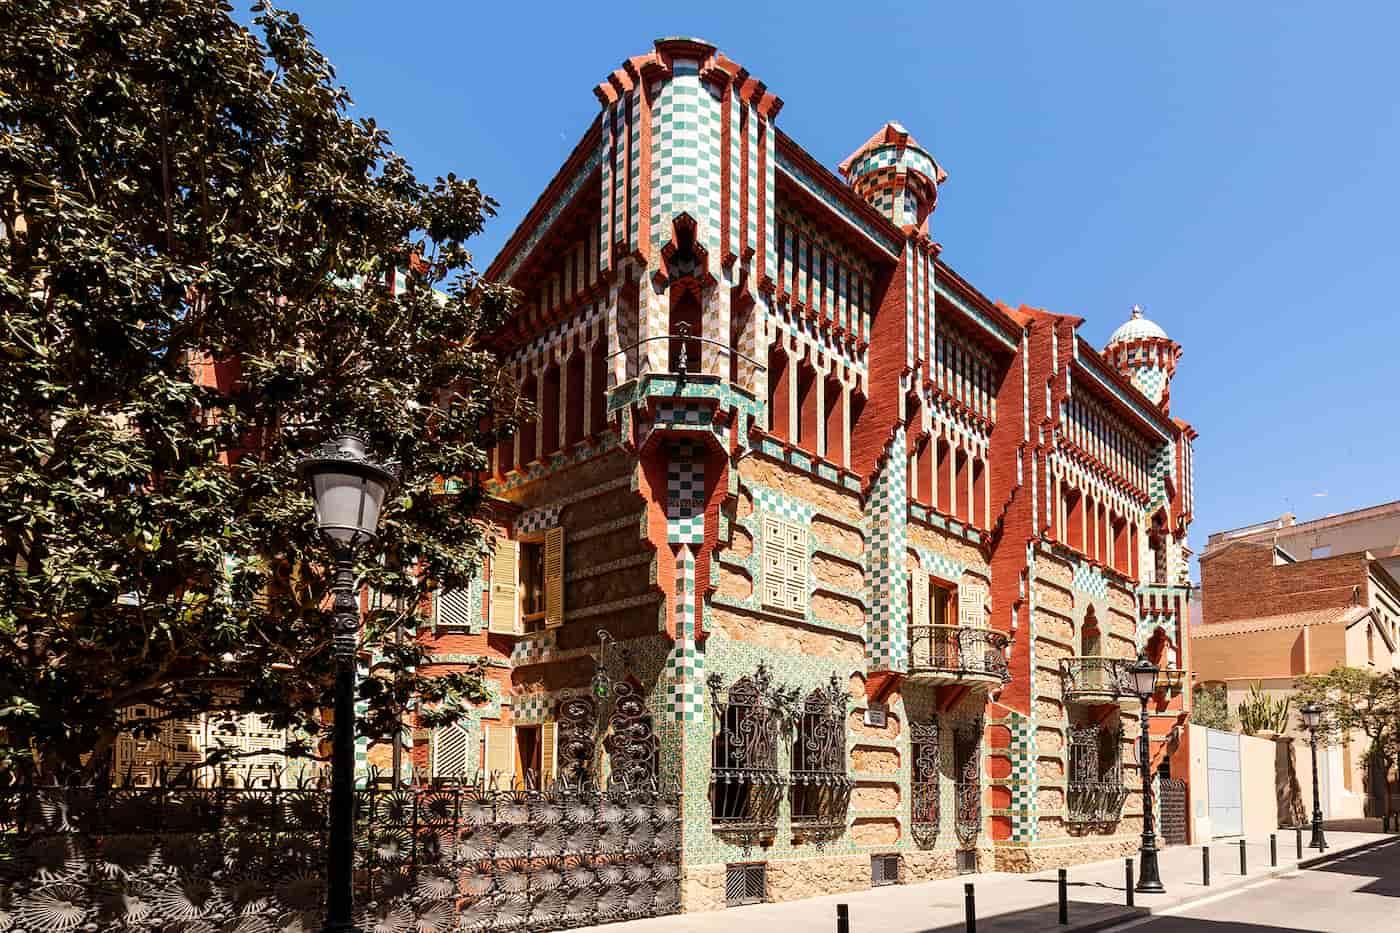 Airbnb ofrece la posibilidad de pasar una noche en la Casa Vicens, la primera casa diseñada por Gaudí, por 1 euro